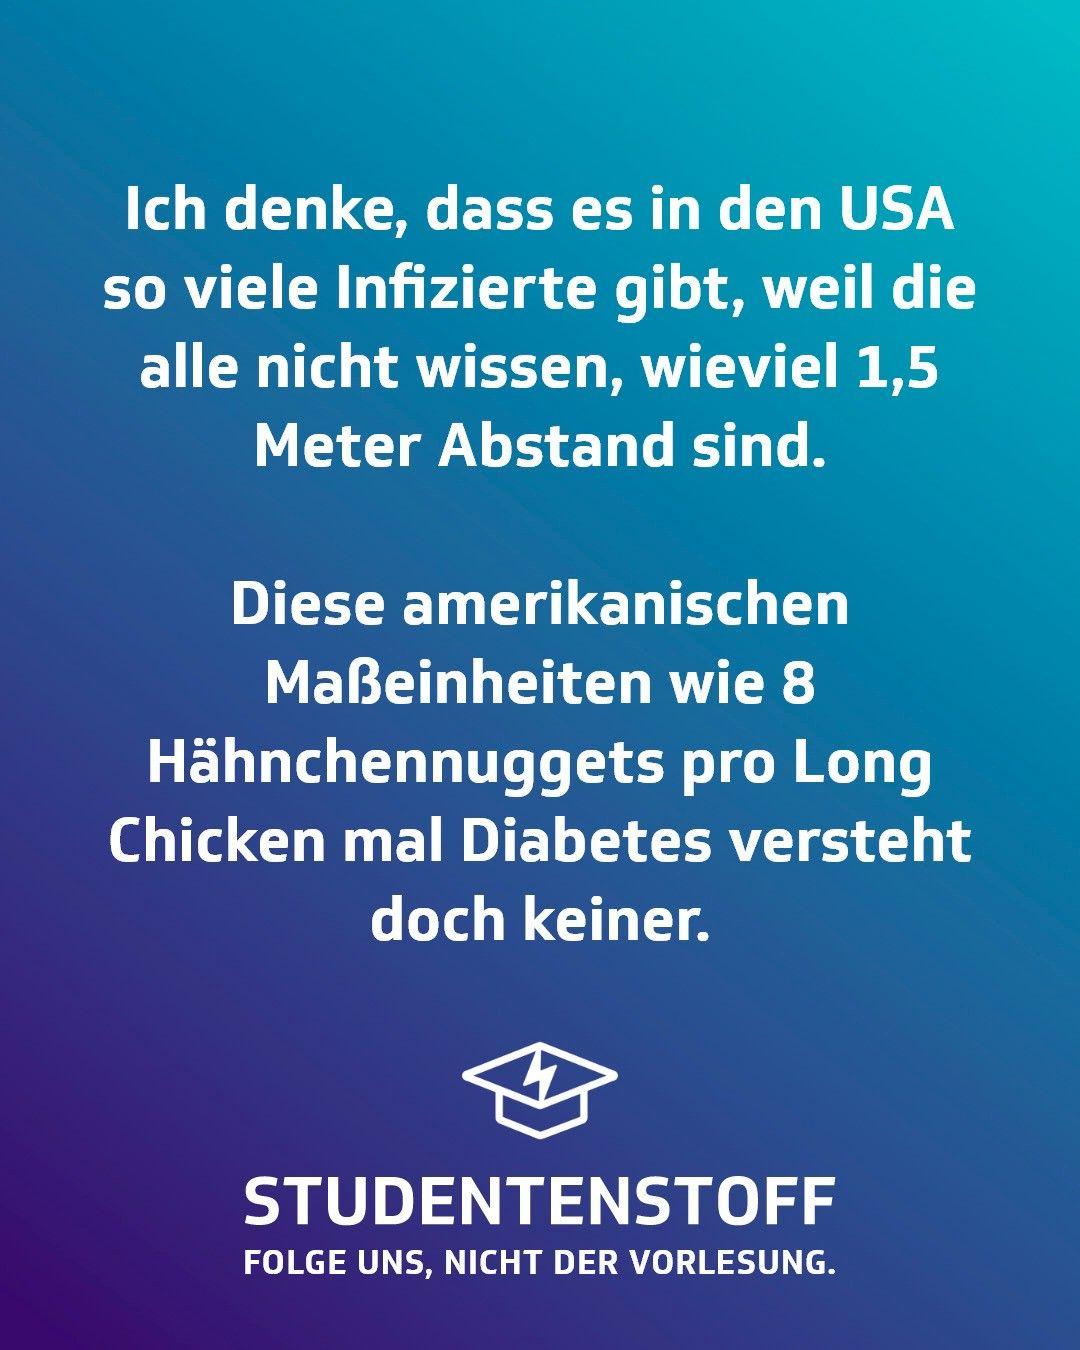 Studentenstoff Studentenstories Studentenleben Hochschule Studieren Vorlesung Lernen Stu Studium Lustig Witzige Spruche Lustige Witze Bilder